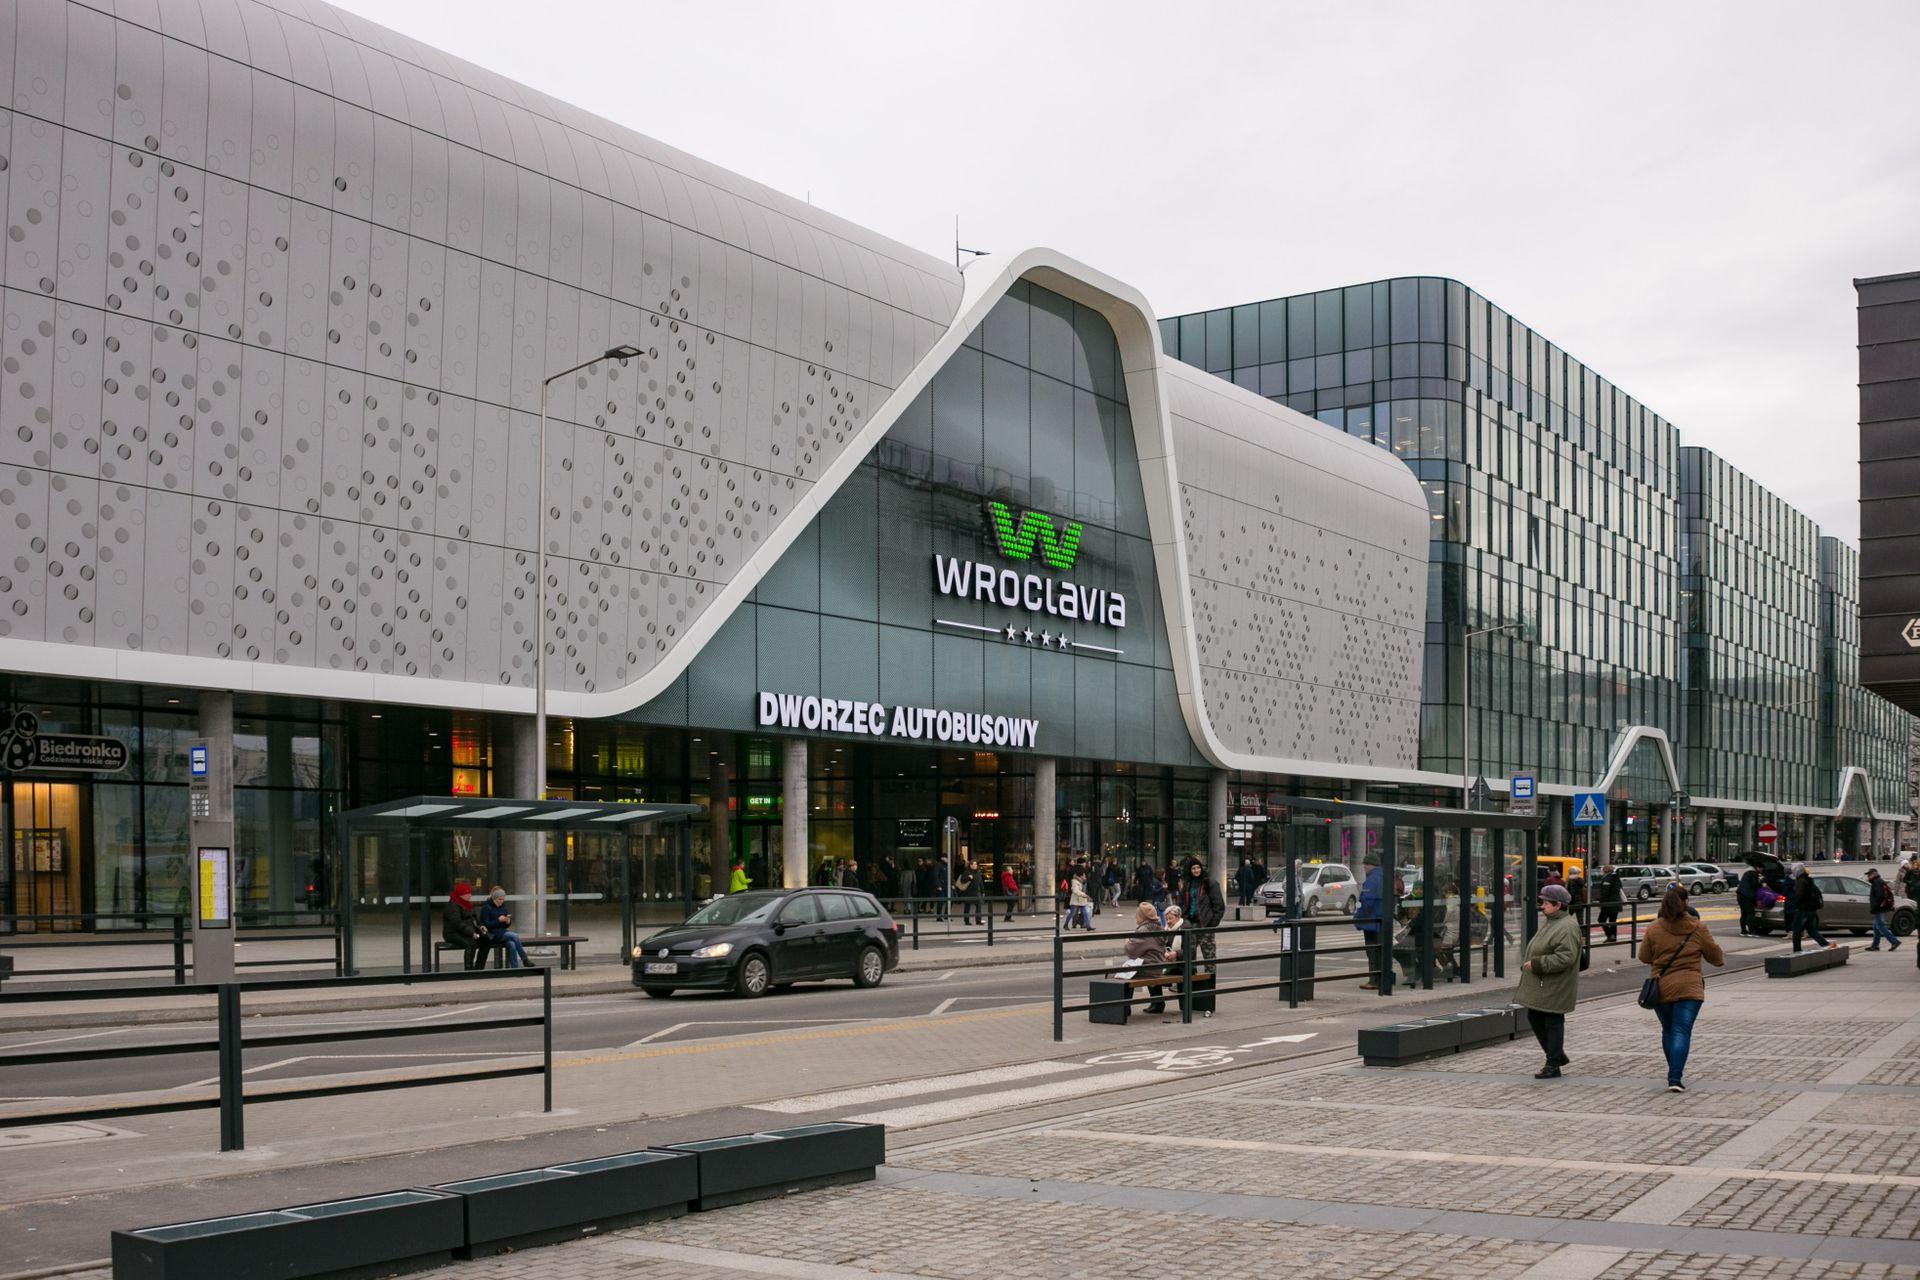 Wroclavia najlepszym pod względem architektury obiektem handlowym na świecie